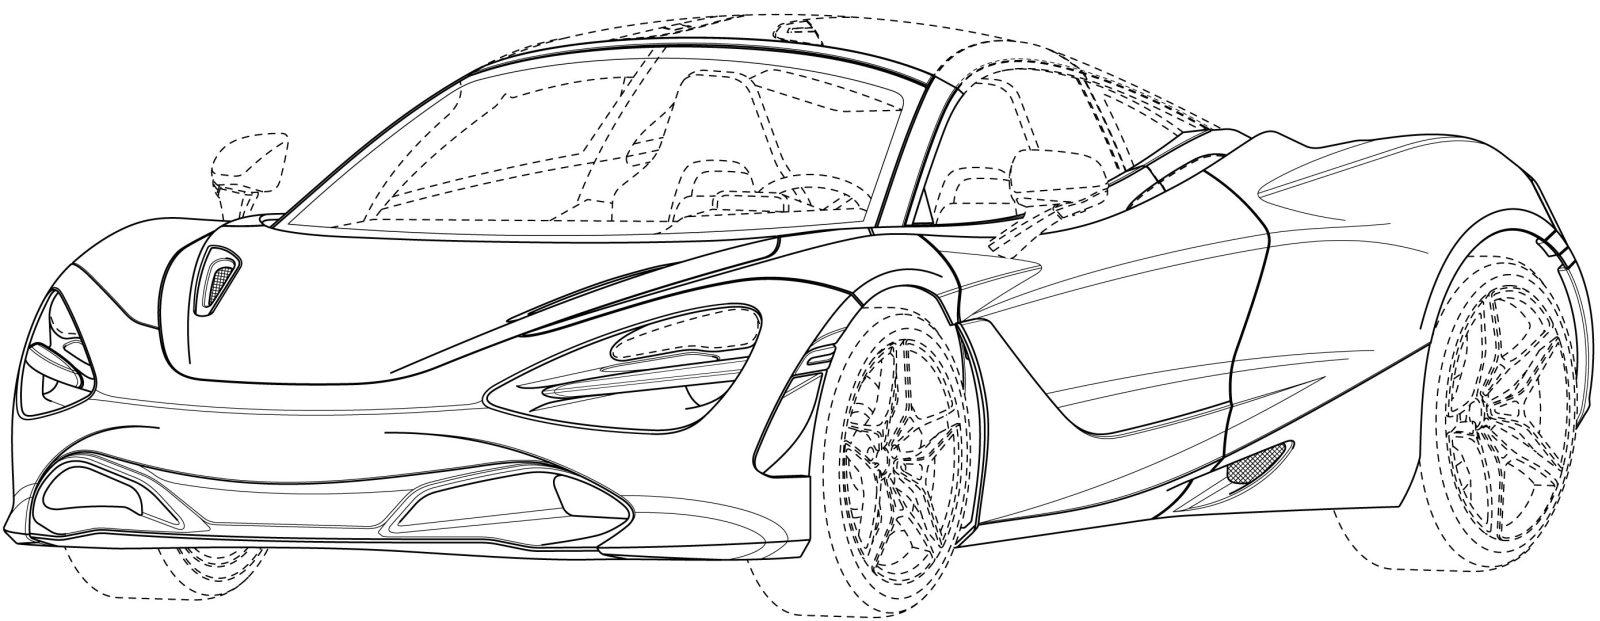 McLaren_720S_Spider_patent_images_0004